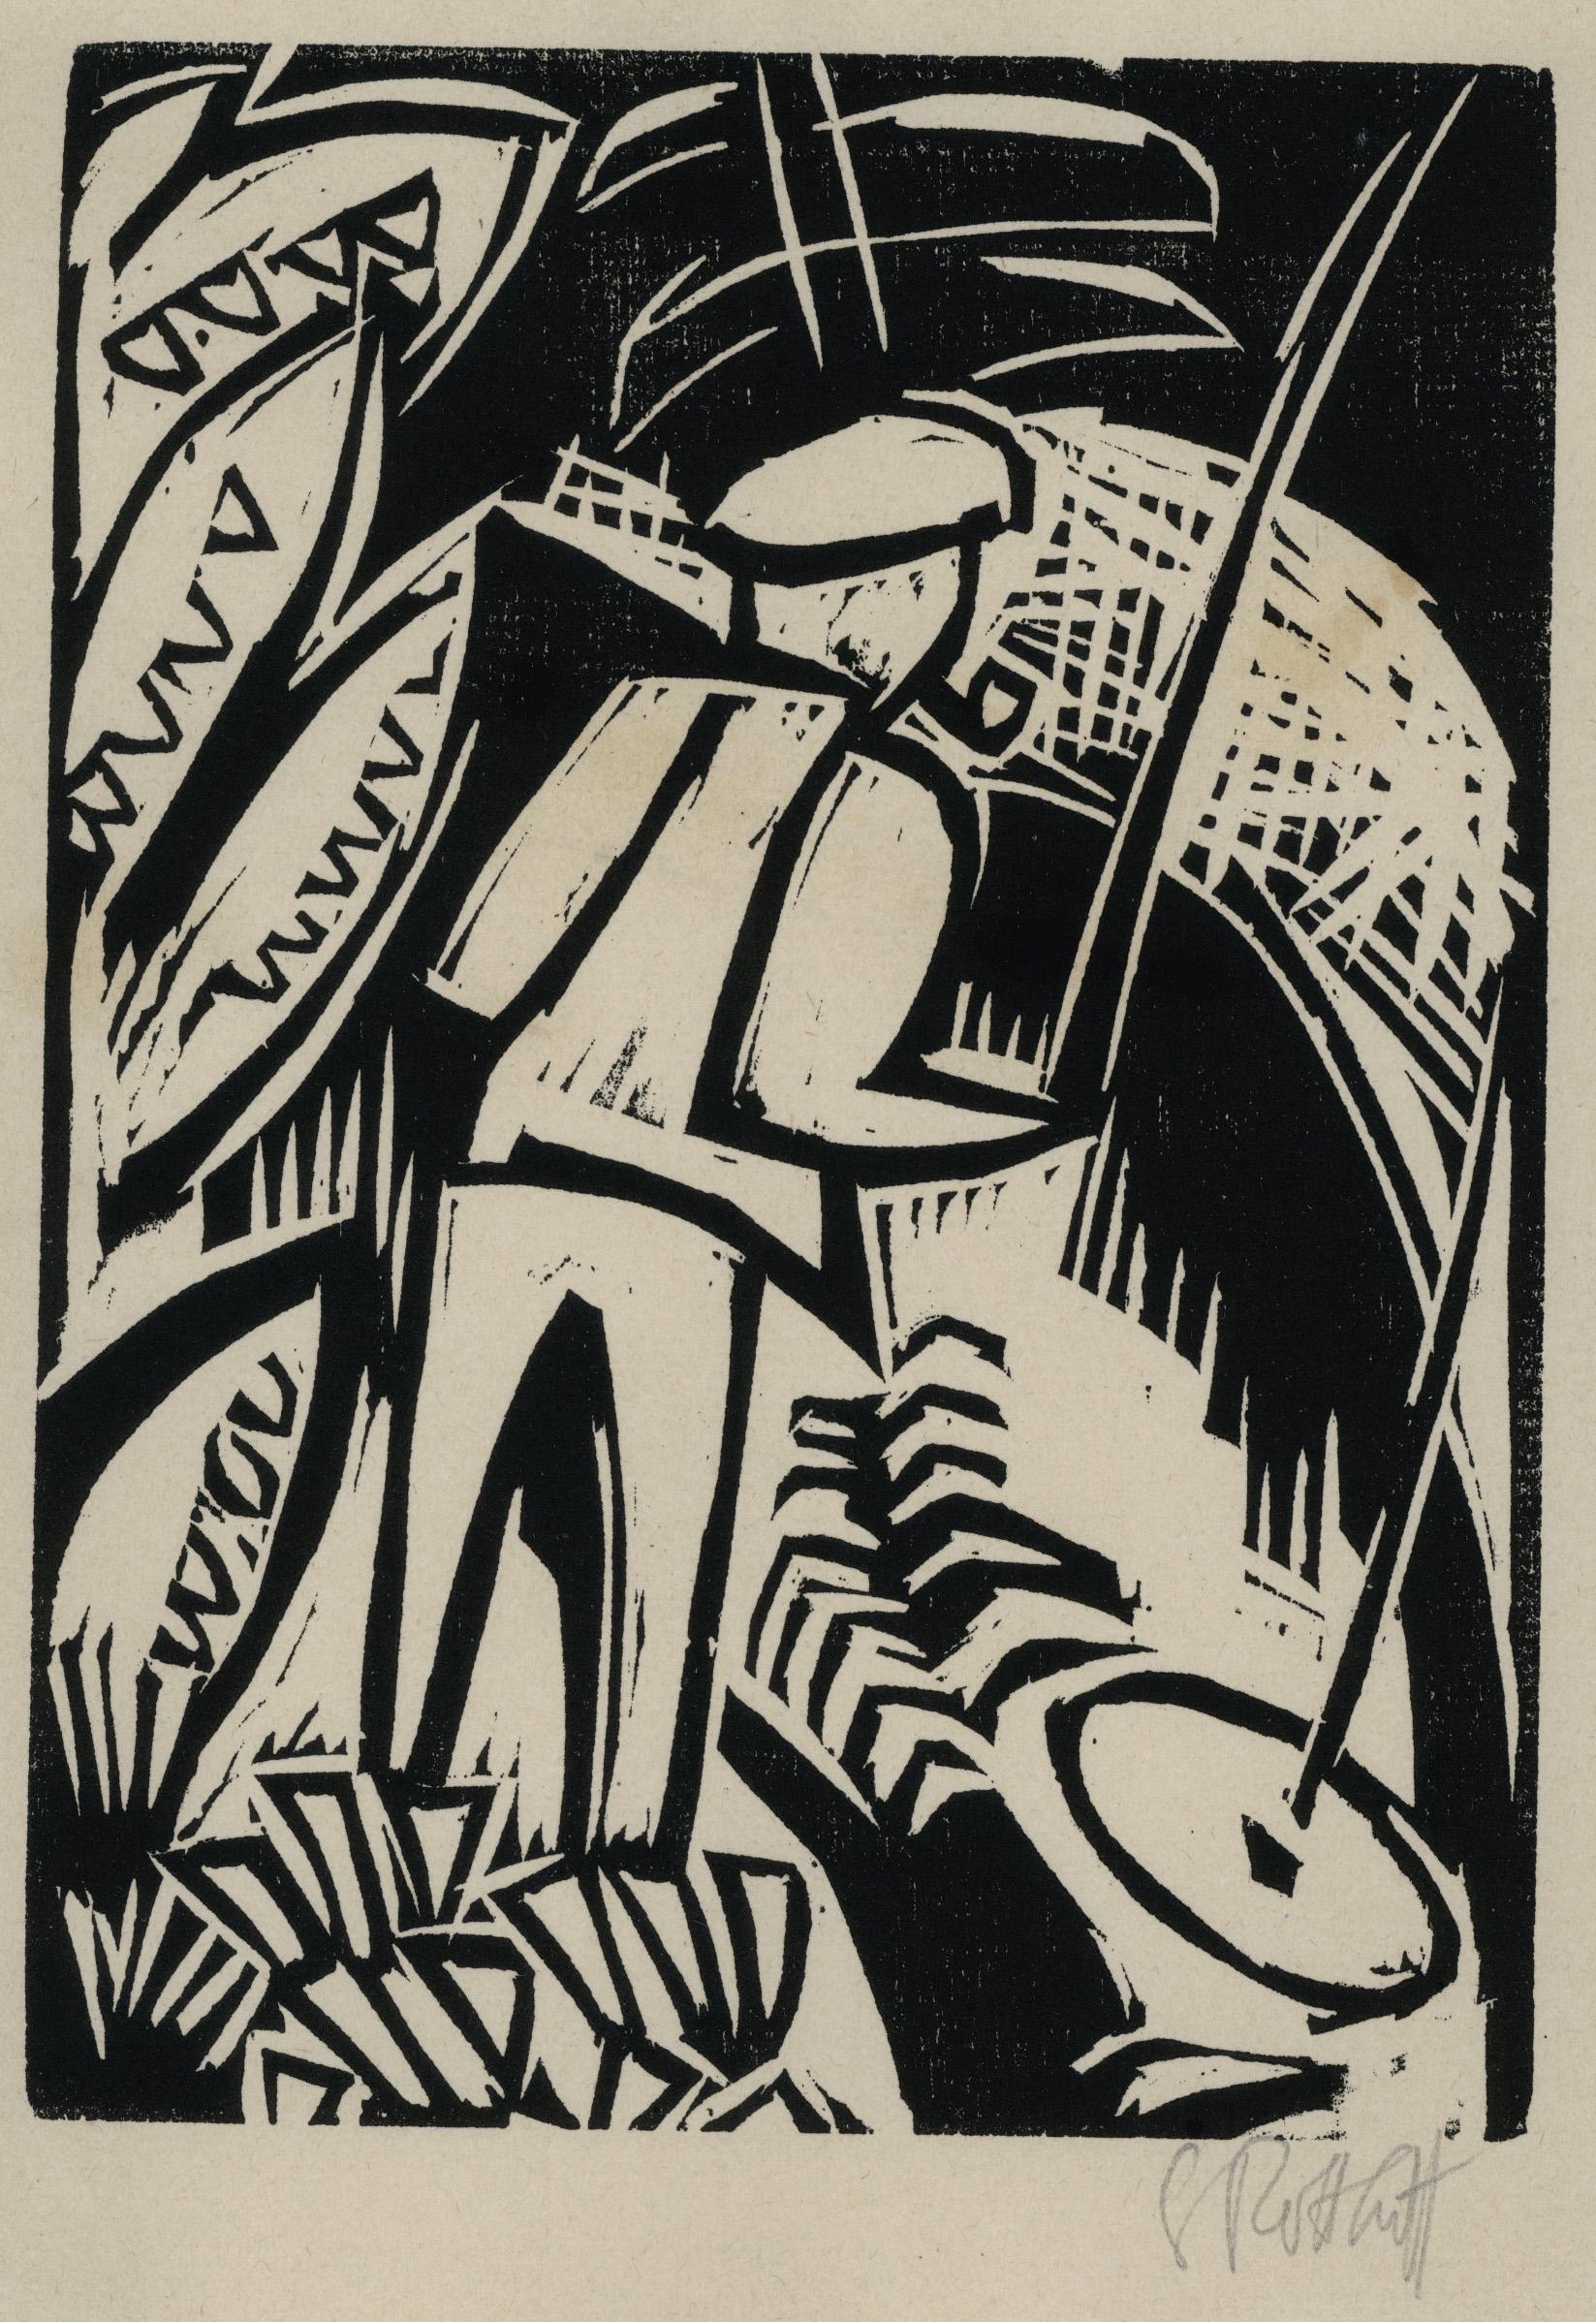 Der Angler by Karl Schmidt-Rottluff